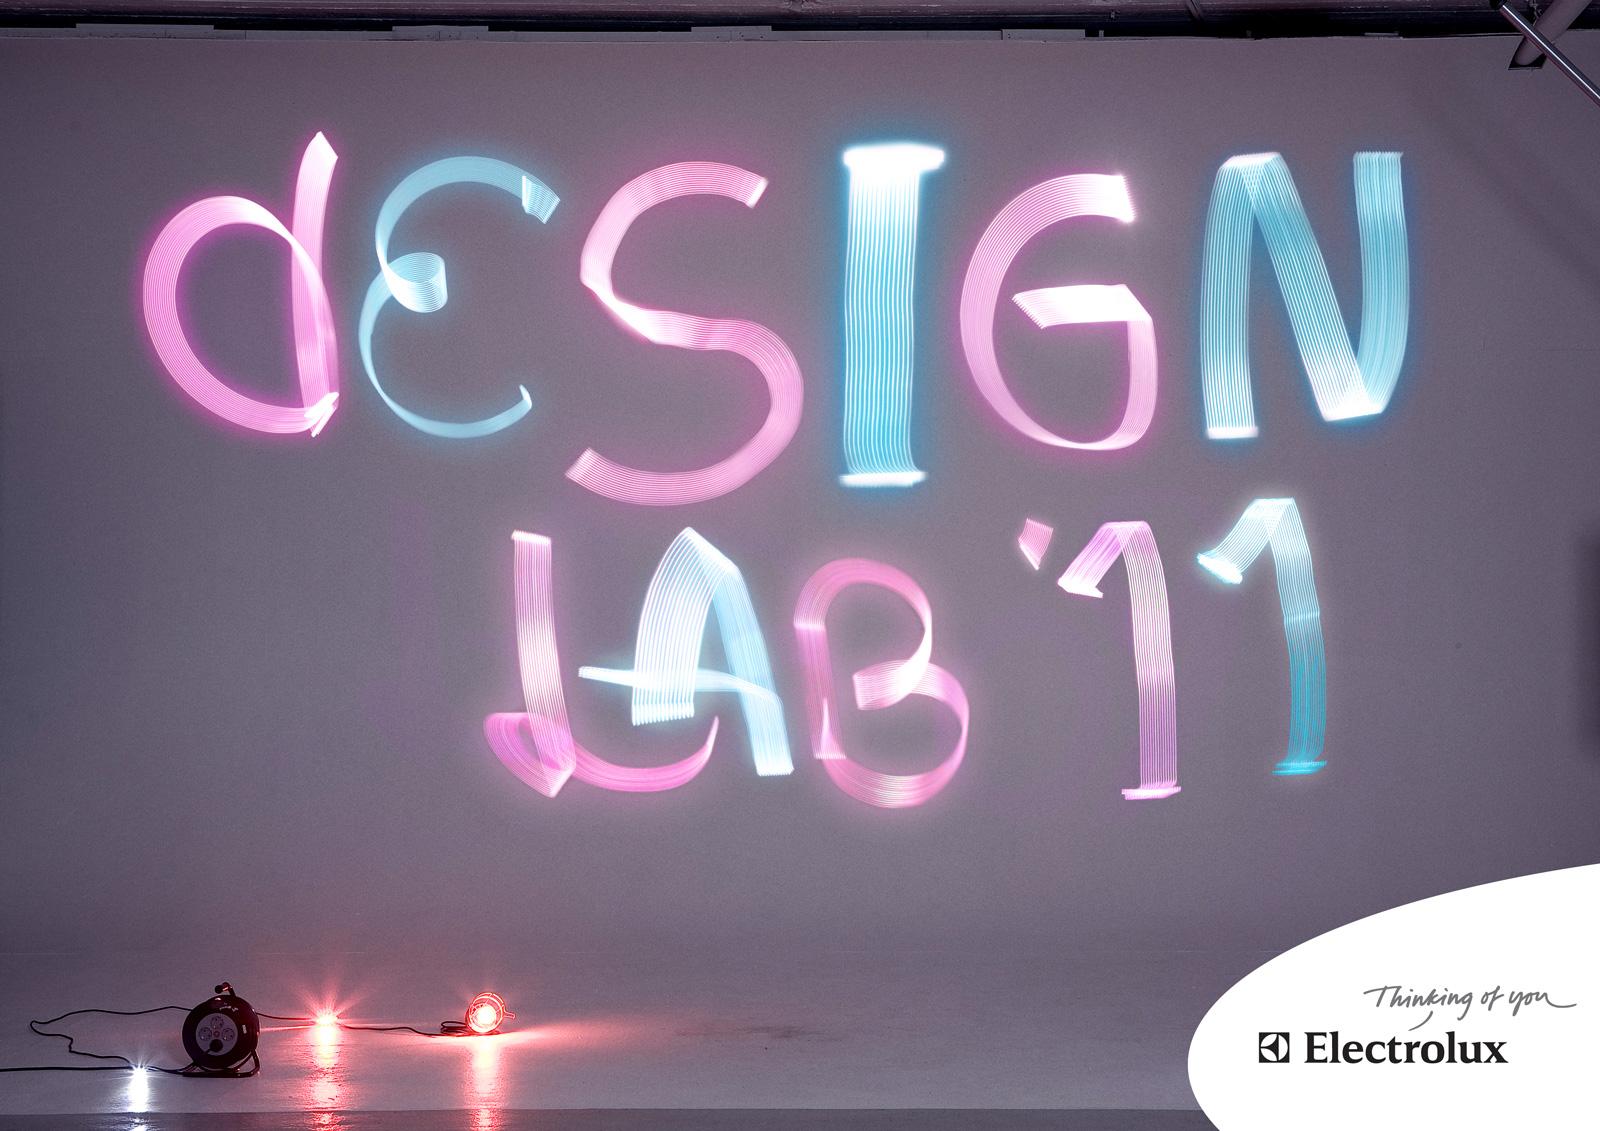 Beim Electrolux DesignLab '11 werden Produkte für das mobile Leben gesucht